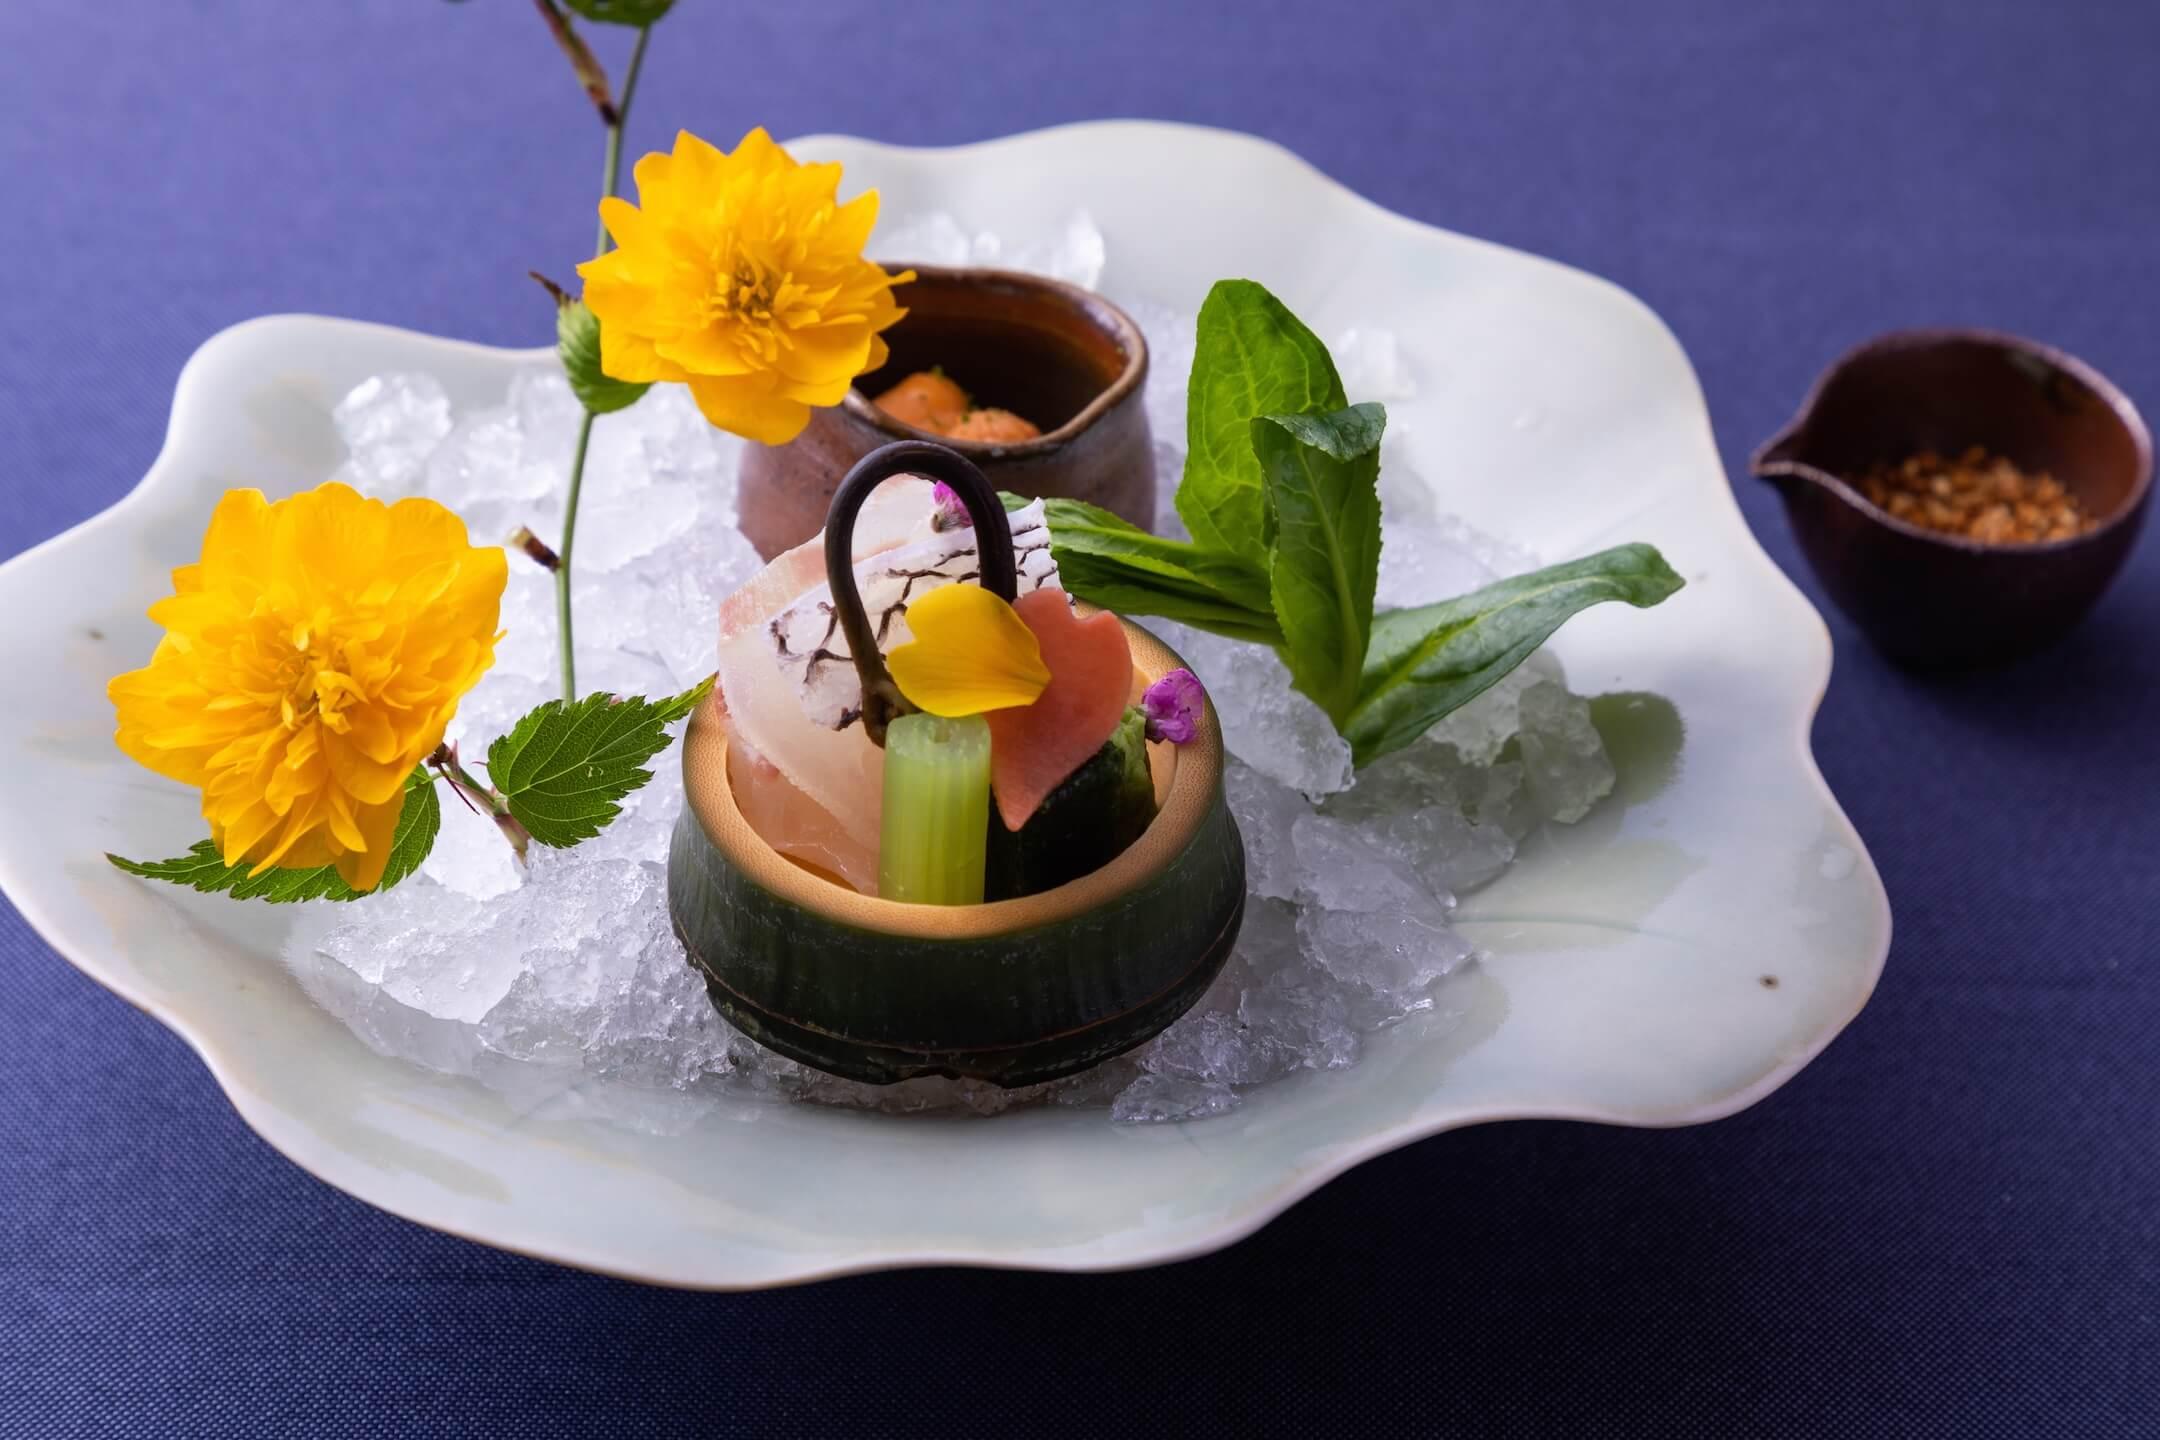 星のや京都 旬の食材を使い、芽吹きや色とりどりの花を表現した京会席を提供 期間:2020年3月1日~... 画像